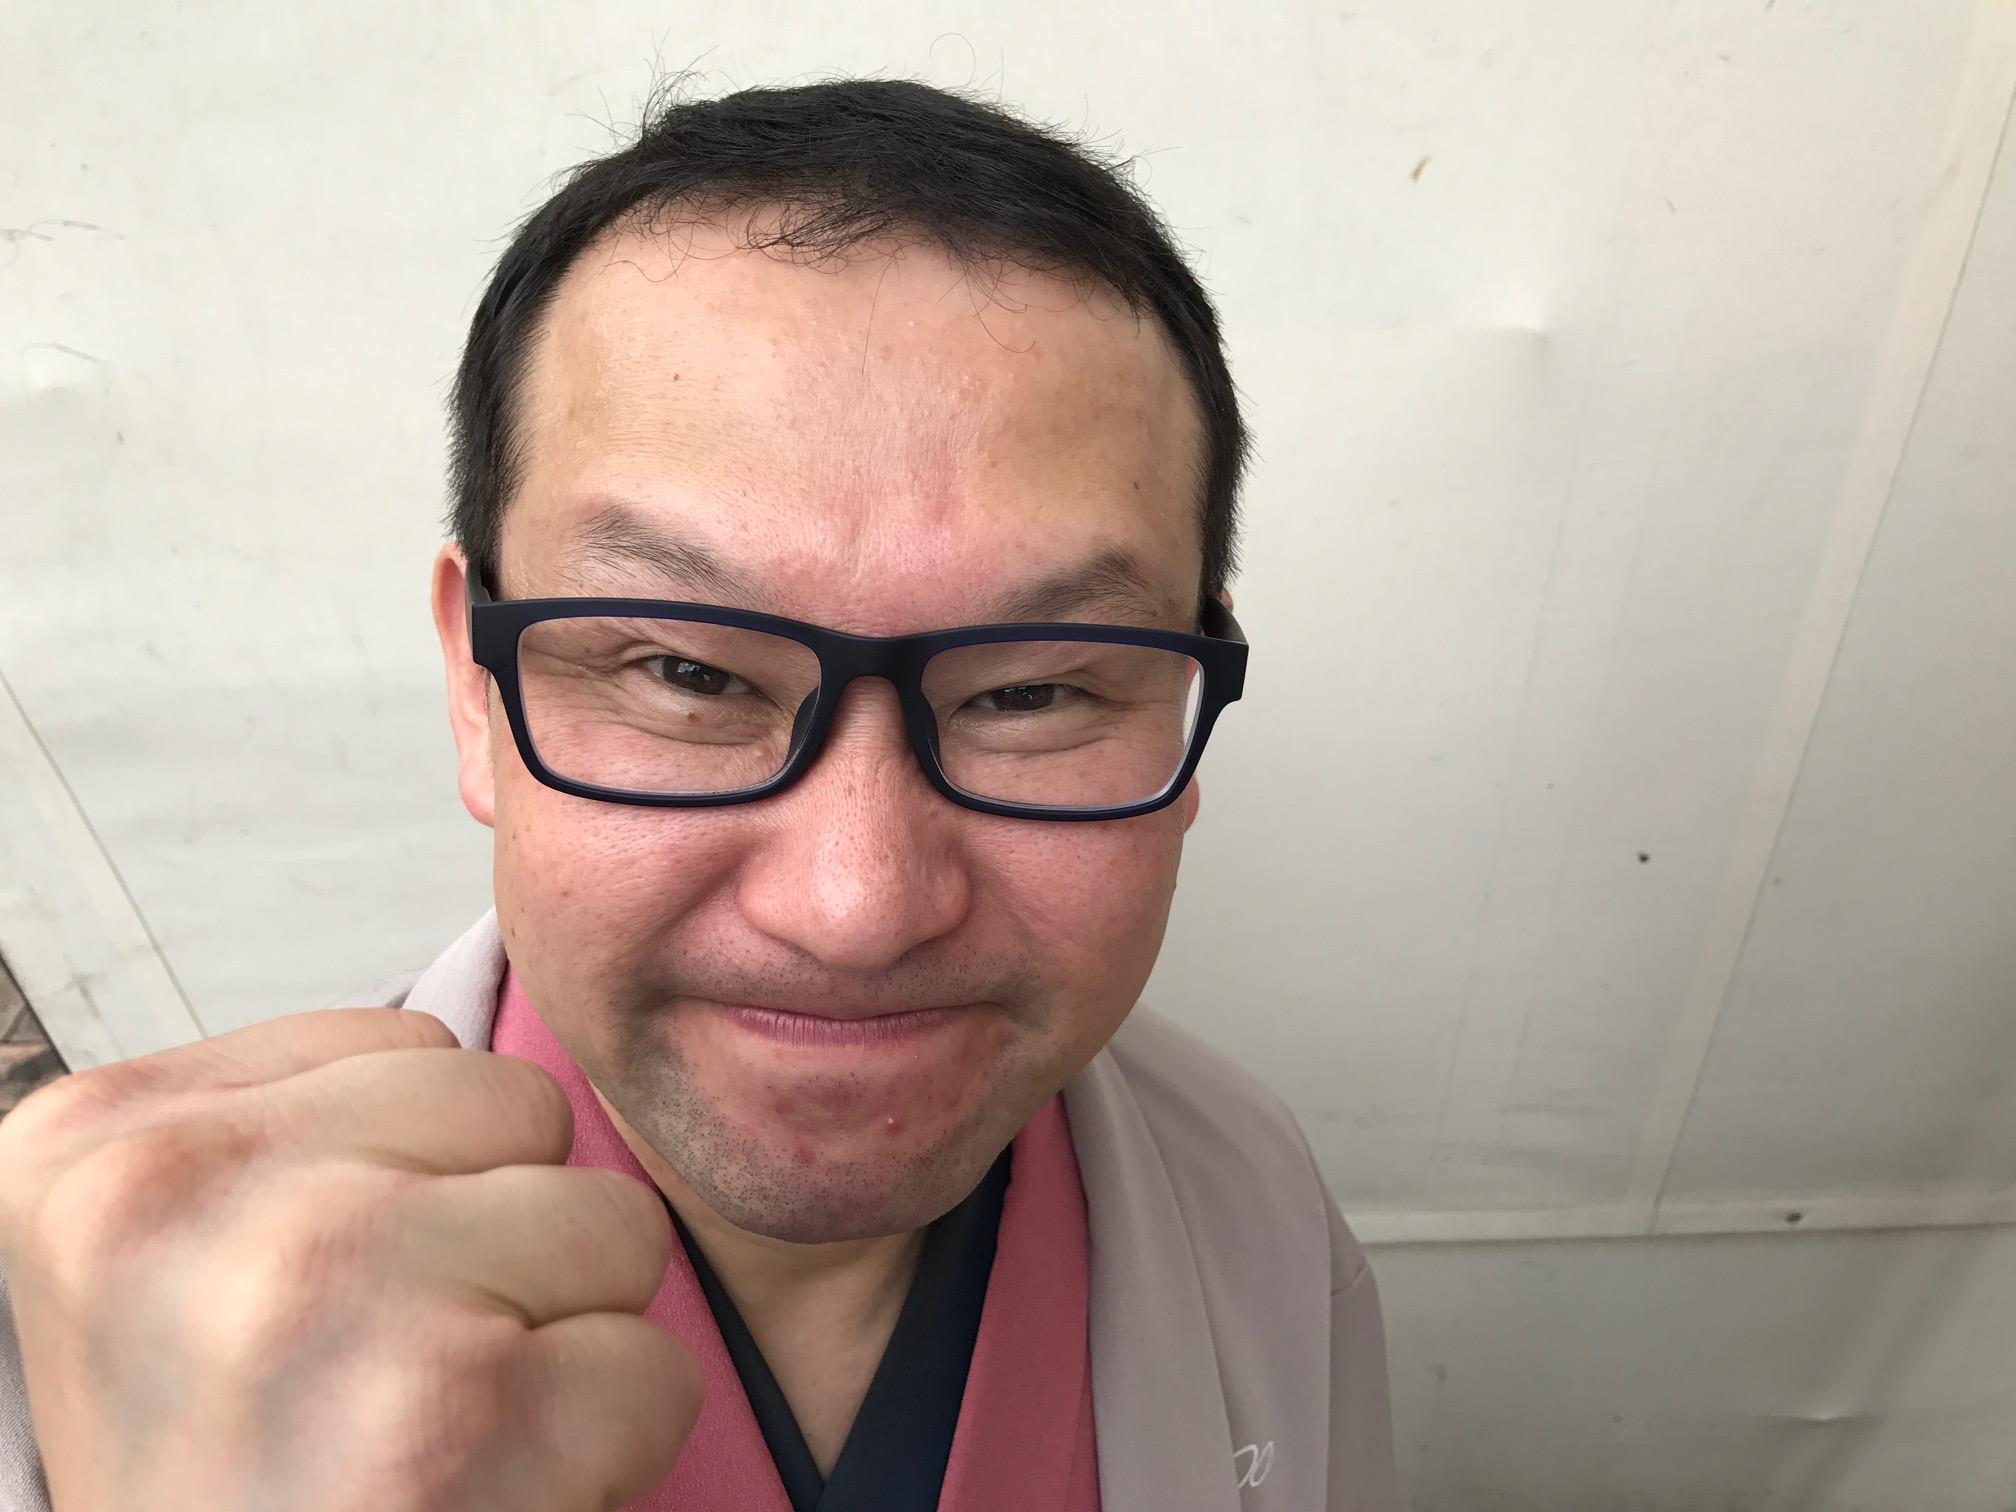 吉幸のオアシがよろしい様で!  11月11日 平塚競輪 おすすめ予想!